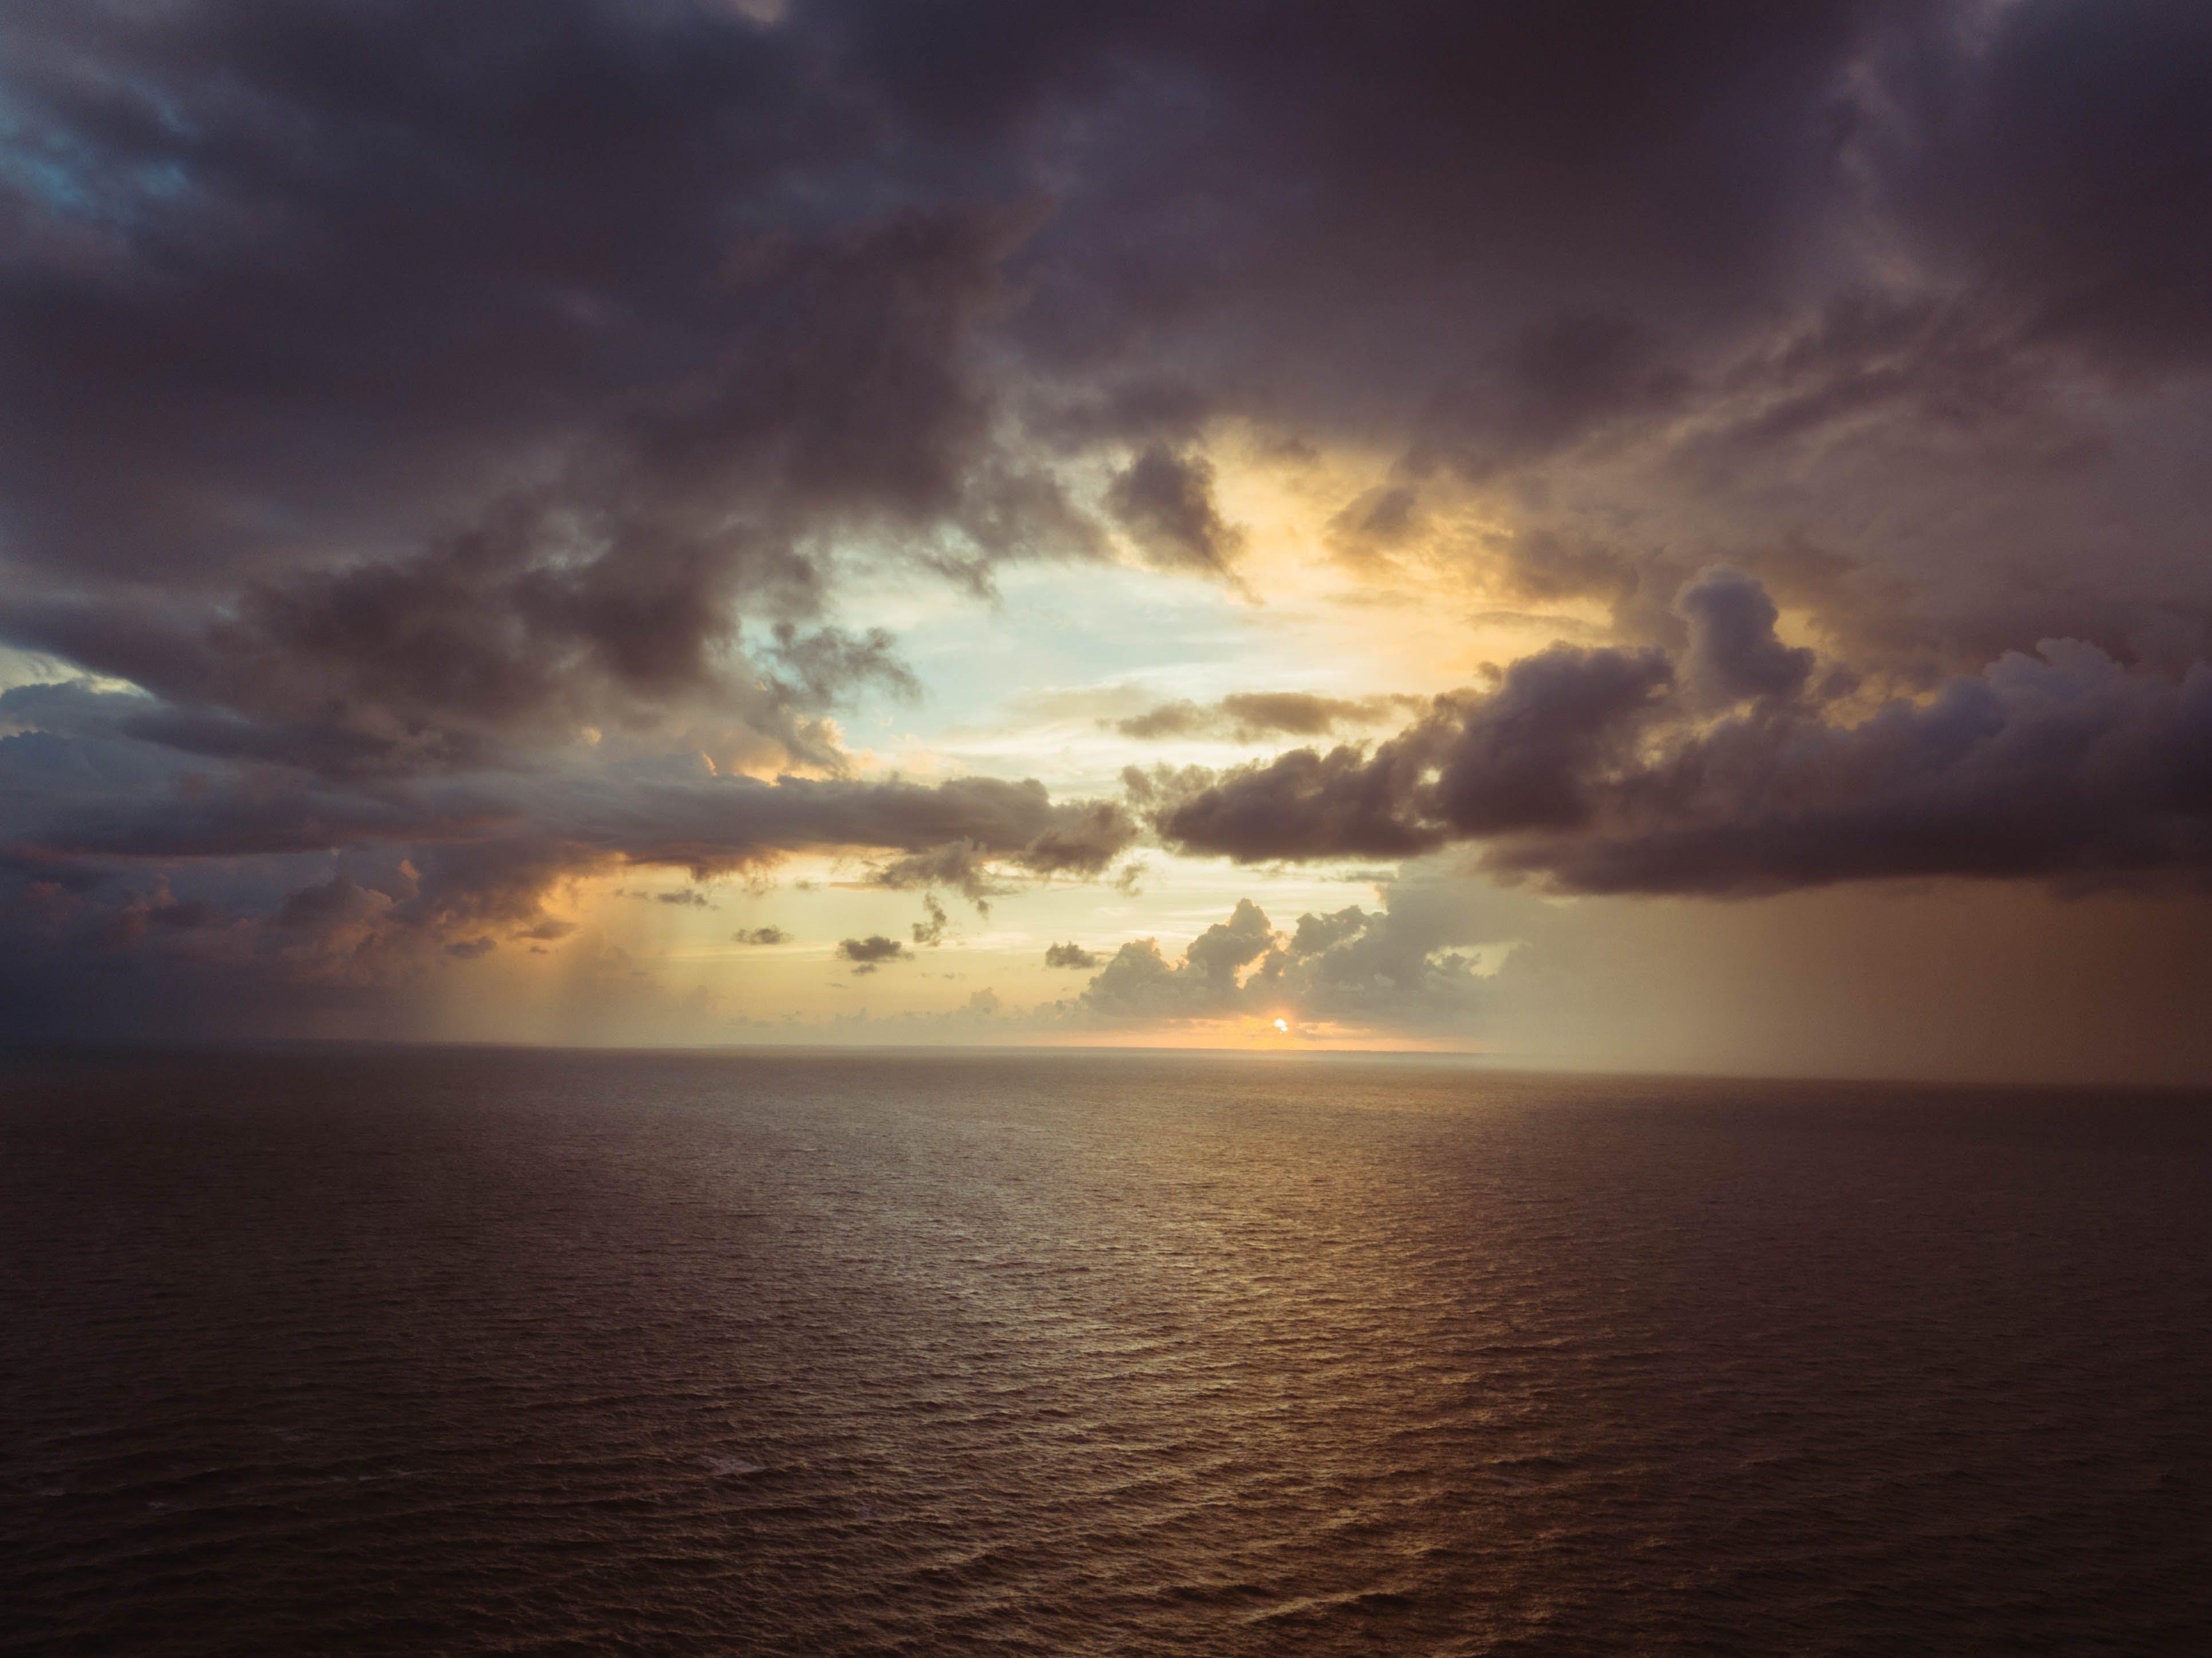 검은 구름, 경치가 좋은, 구름, 물의 무료 스톡 사진